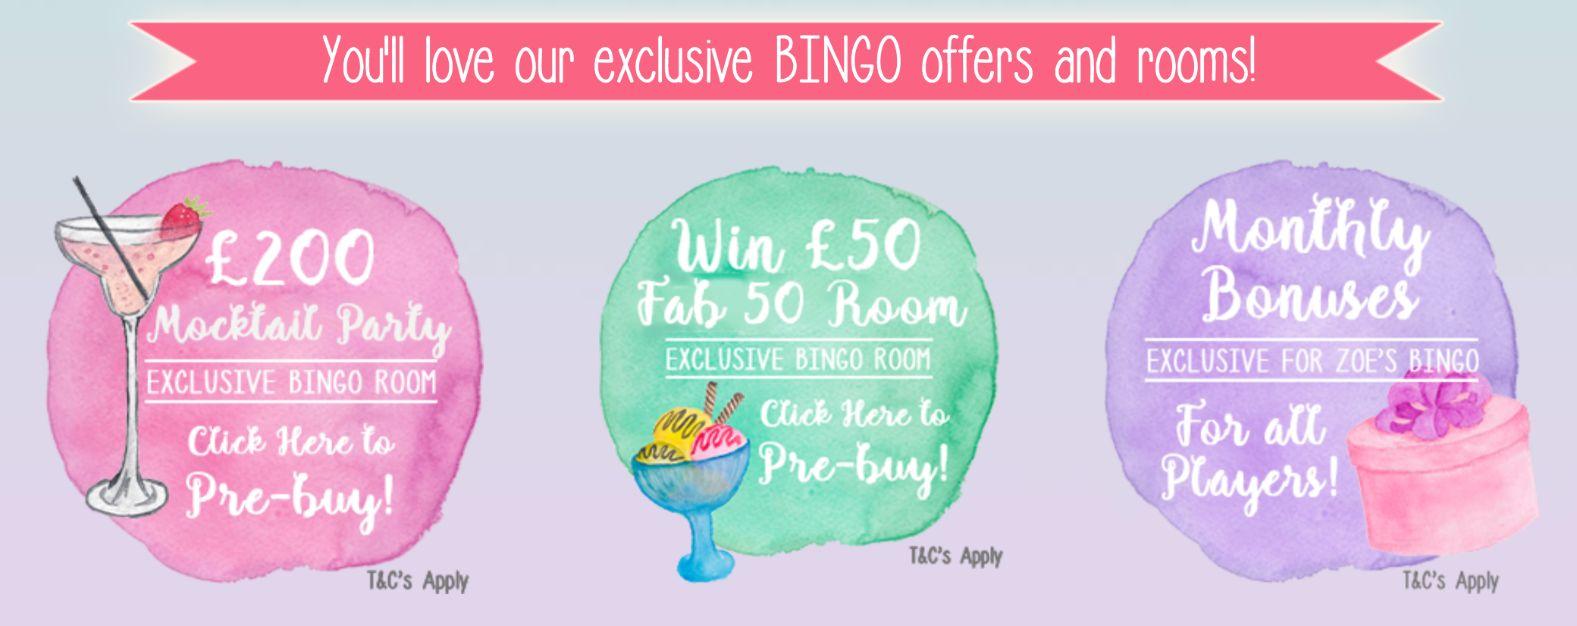 zoes bingo bingo rooms